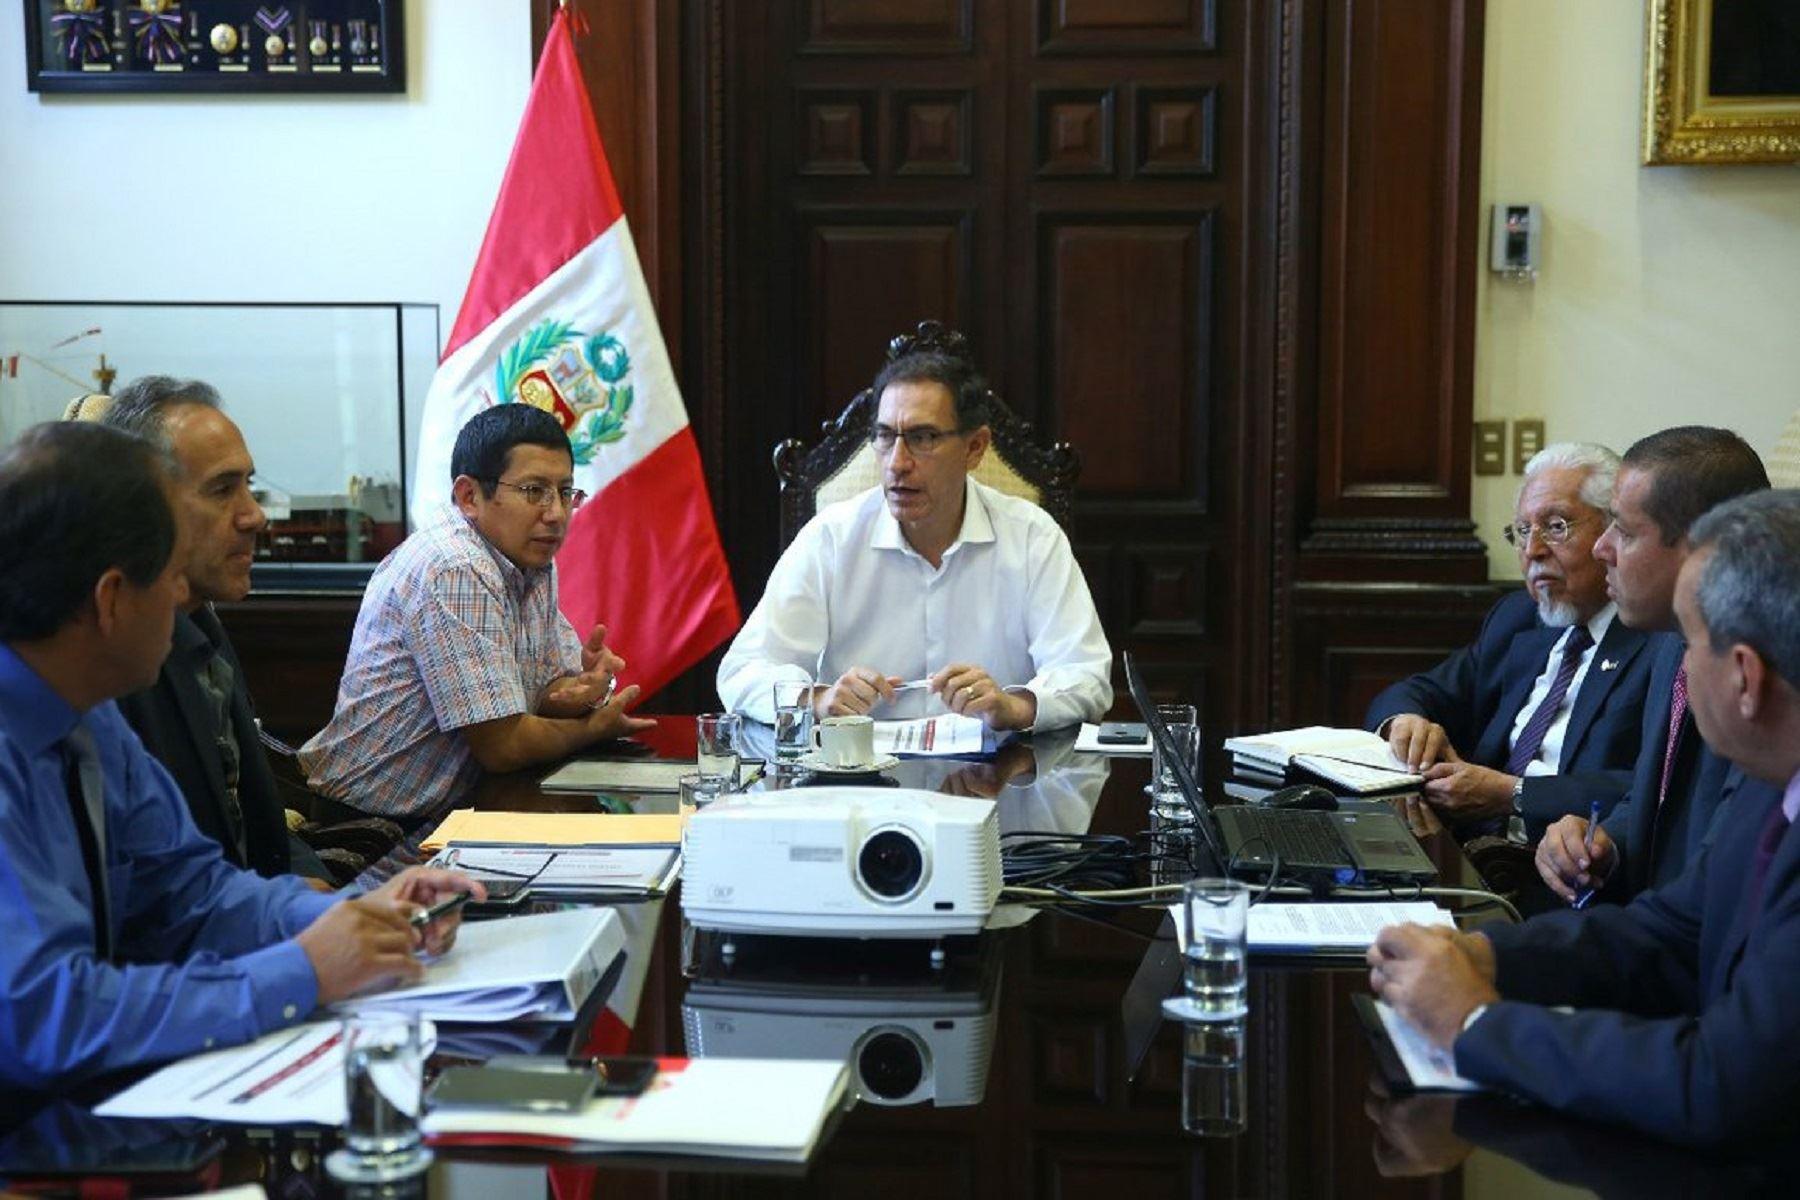 Presidente Martín Vizcarra durante reunión para agilizar reconstrucción con cambios. Foto: Presidencia.